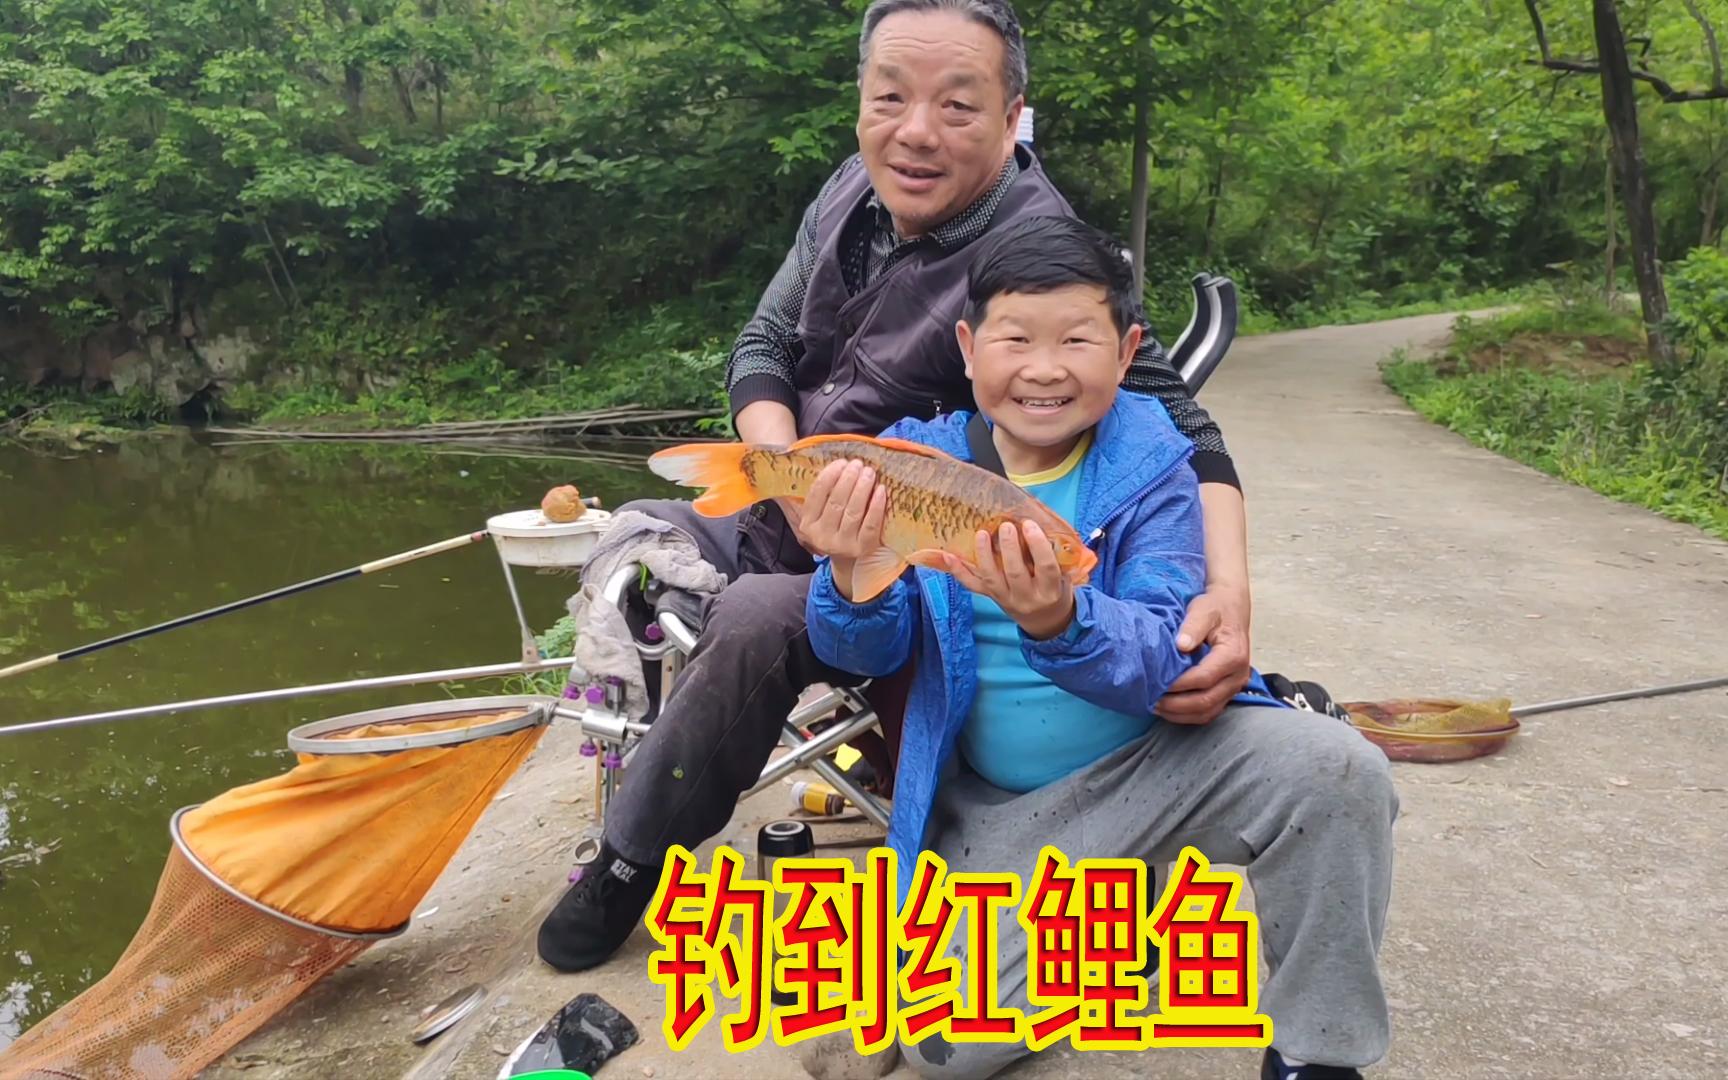 大叔找到一个钓鱼的好地方,带老男孩去上大货,不仅不要钱还管饭